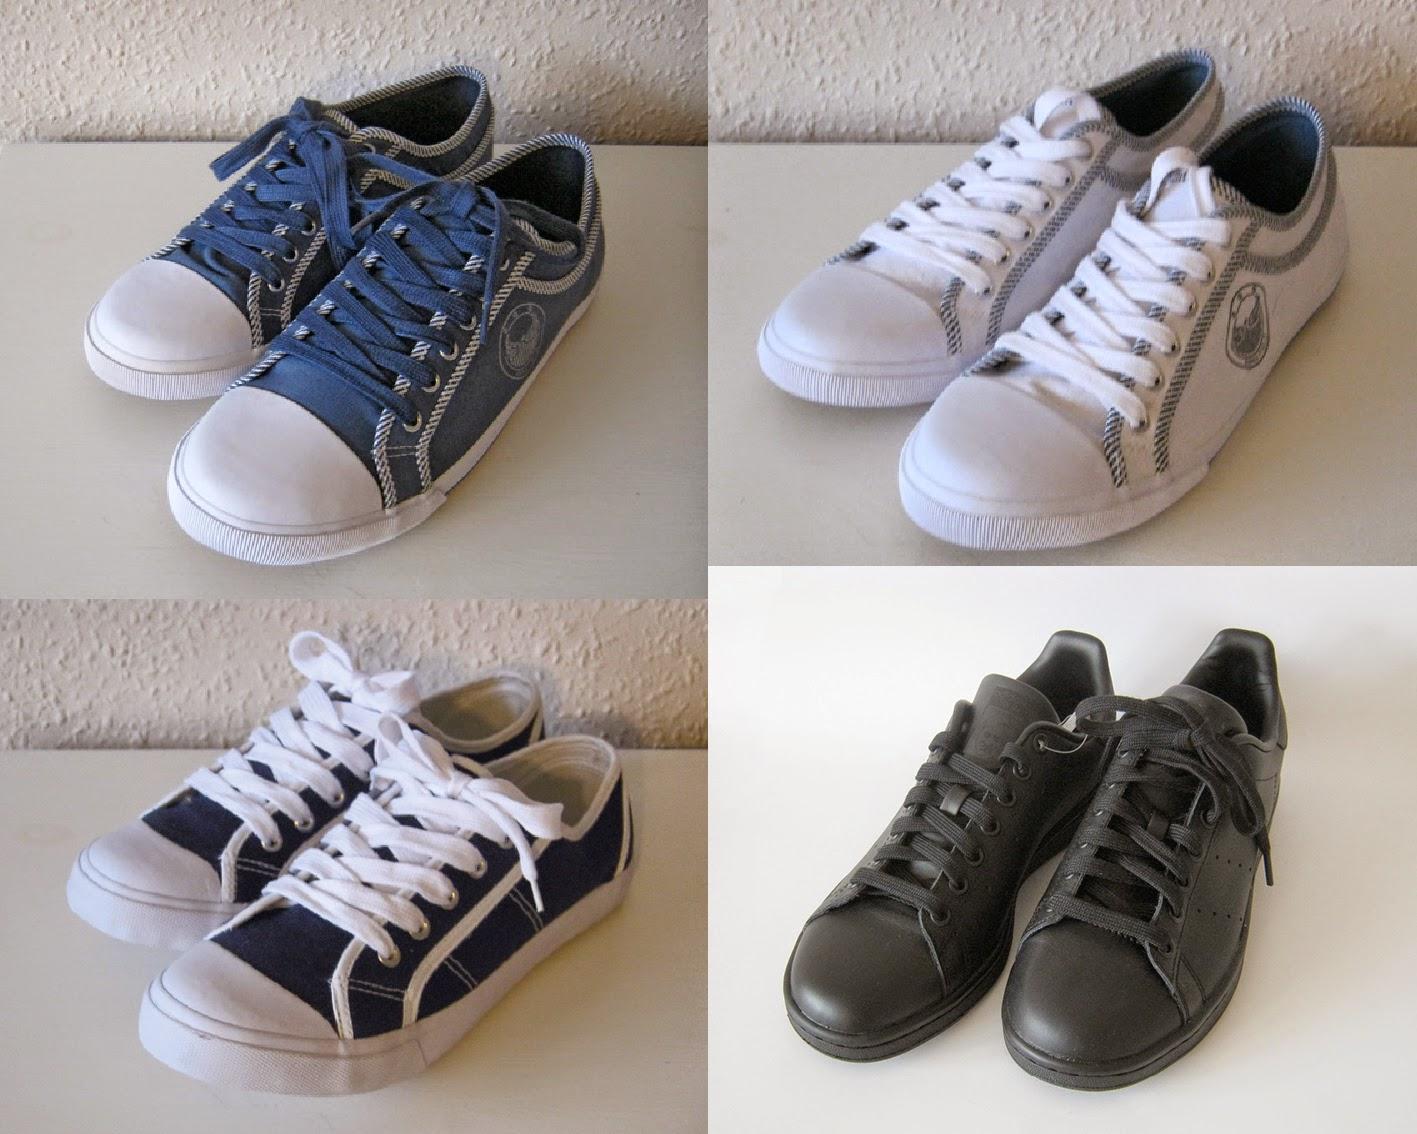 Nye ukurante sko sælges        - stor venstre, mindre højre